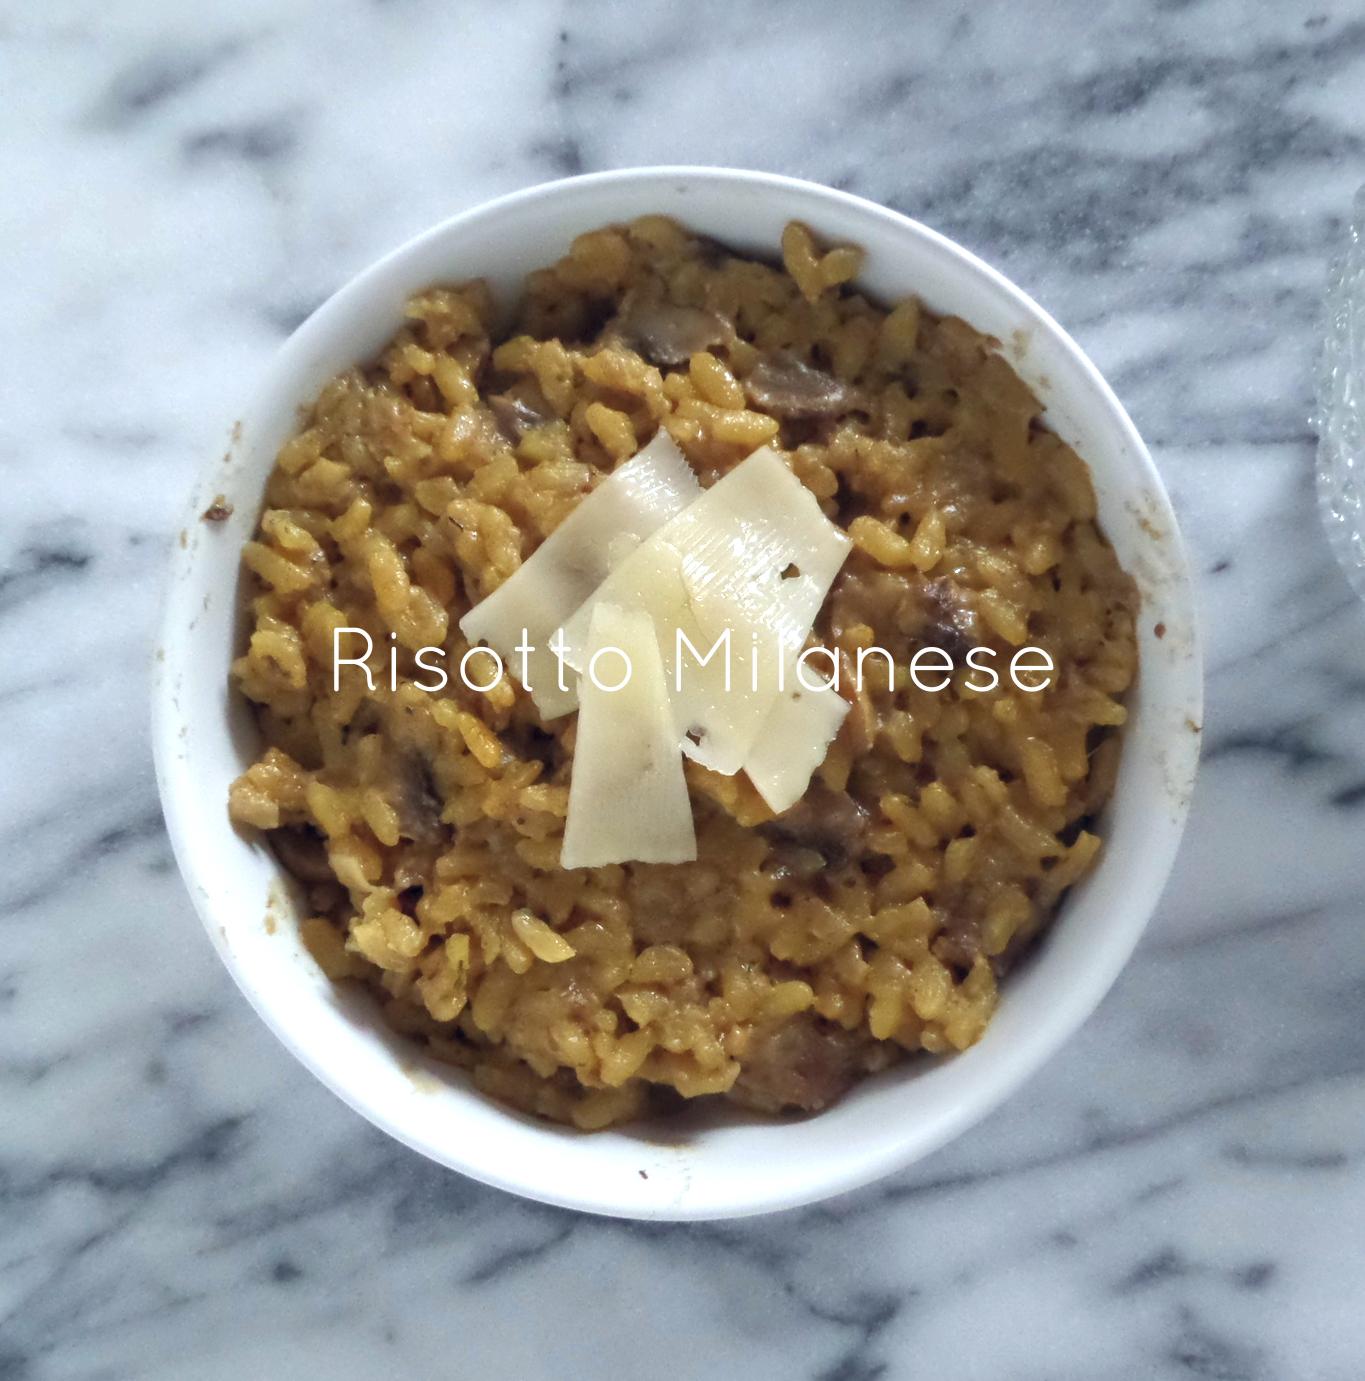 risotto milanese recipe